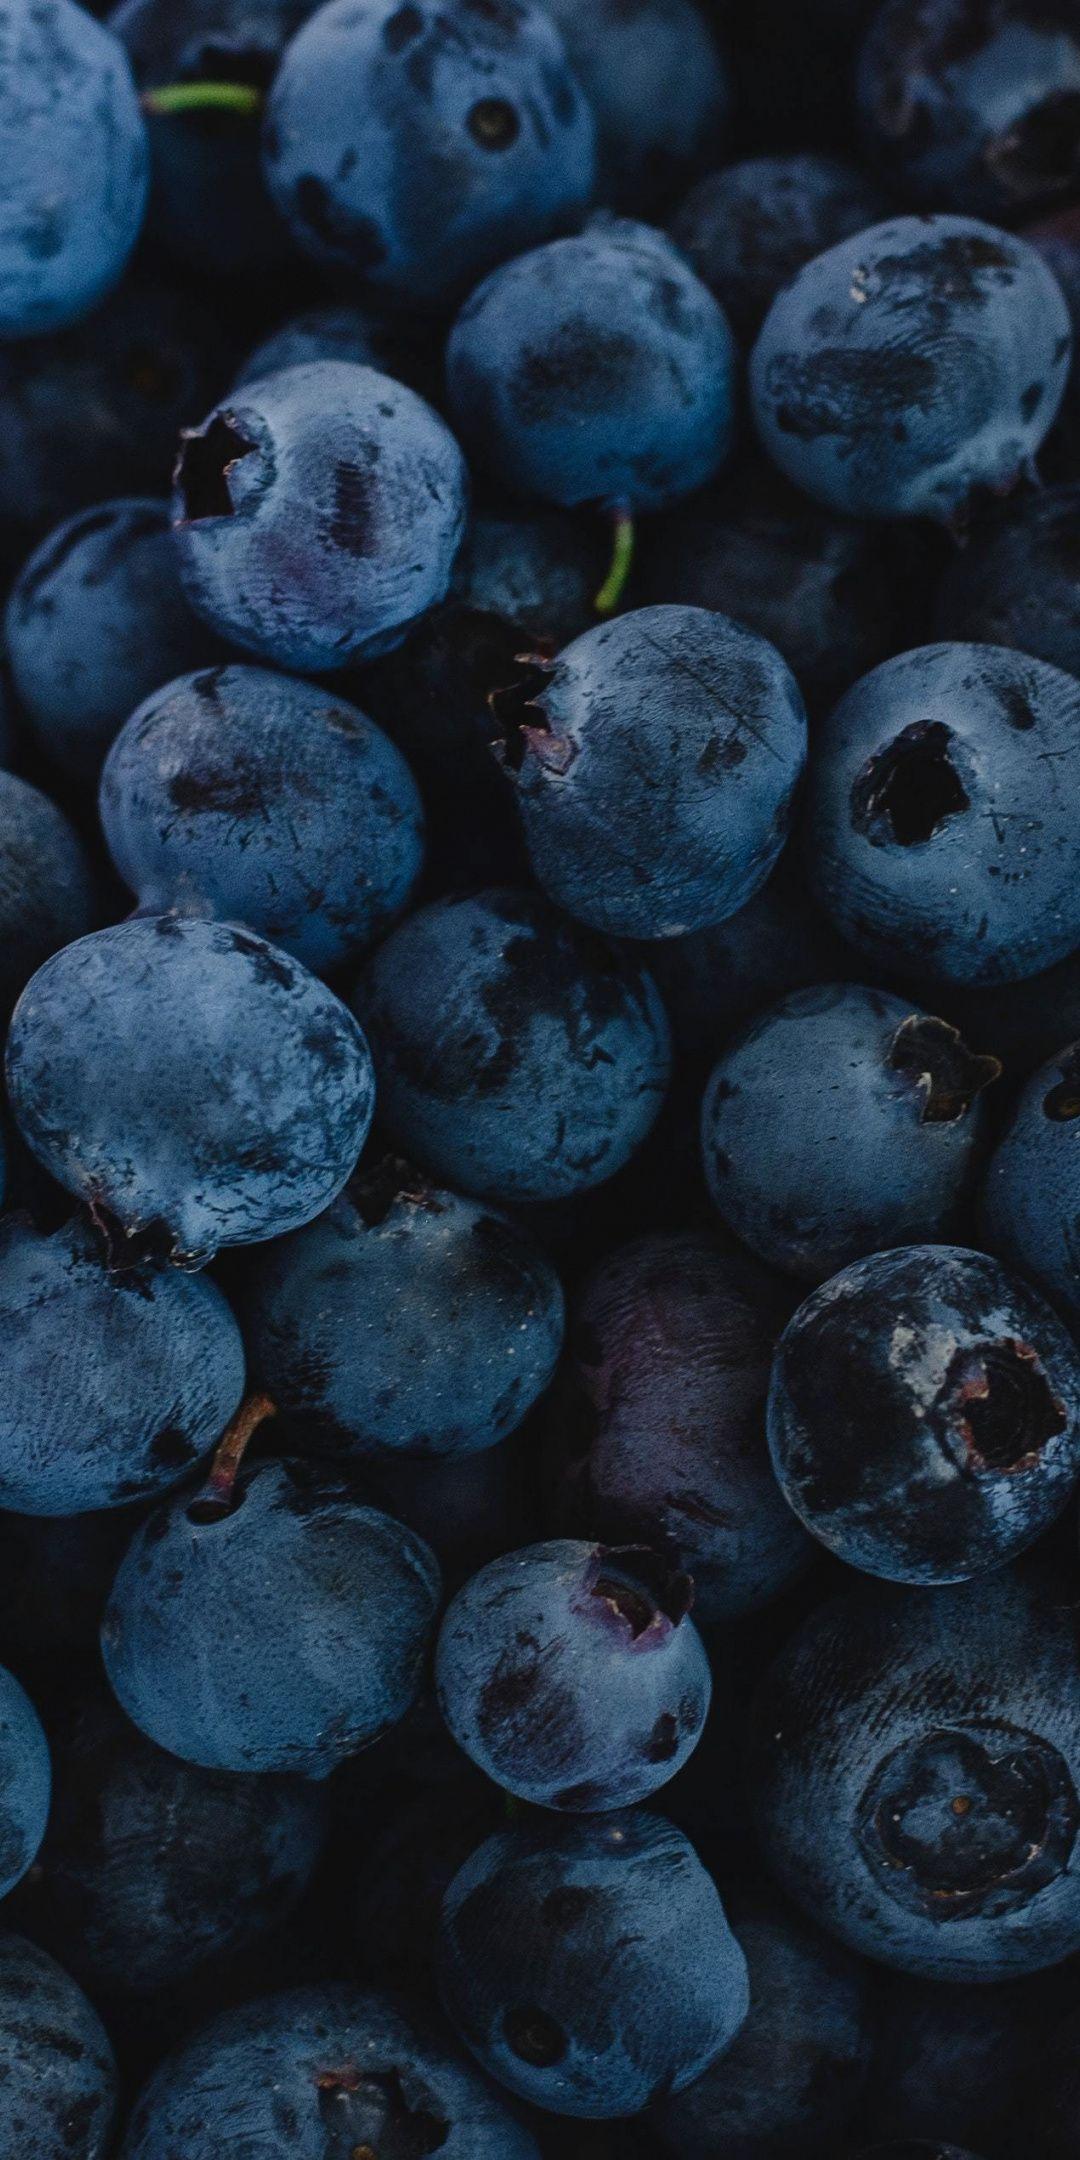 1080x2160 Fresh Blueberries Dark Blue Fruit Wallpaper Fruit Wallpaper Iphone Background Wallpaper Blue Wallpapers